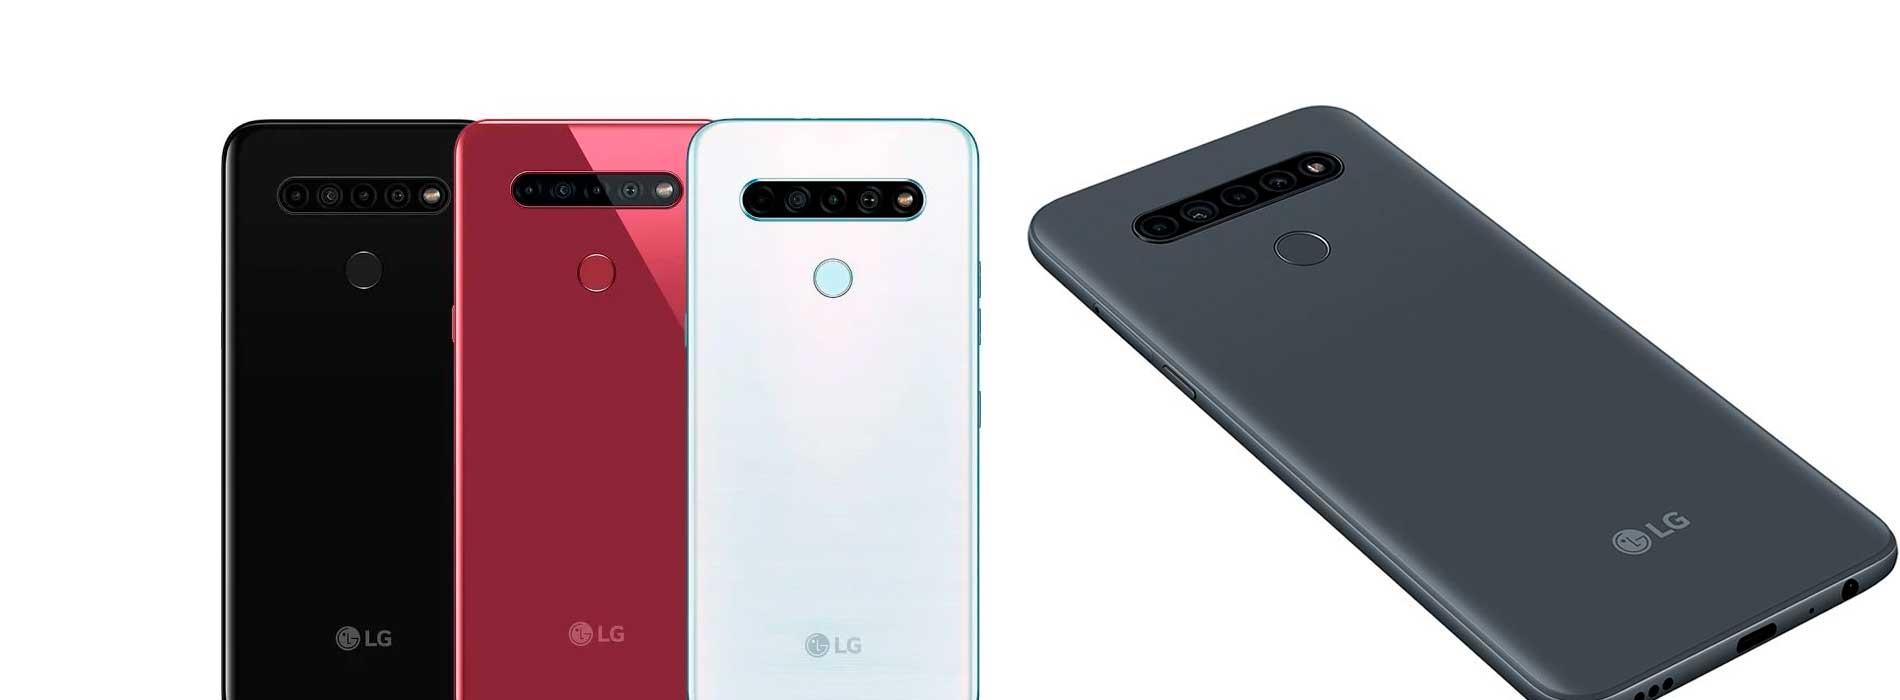 Análise LG K41S: tela gigante e quatro câmeras por um preço baixo!